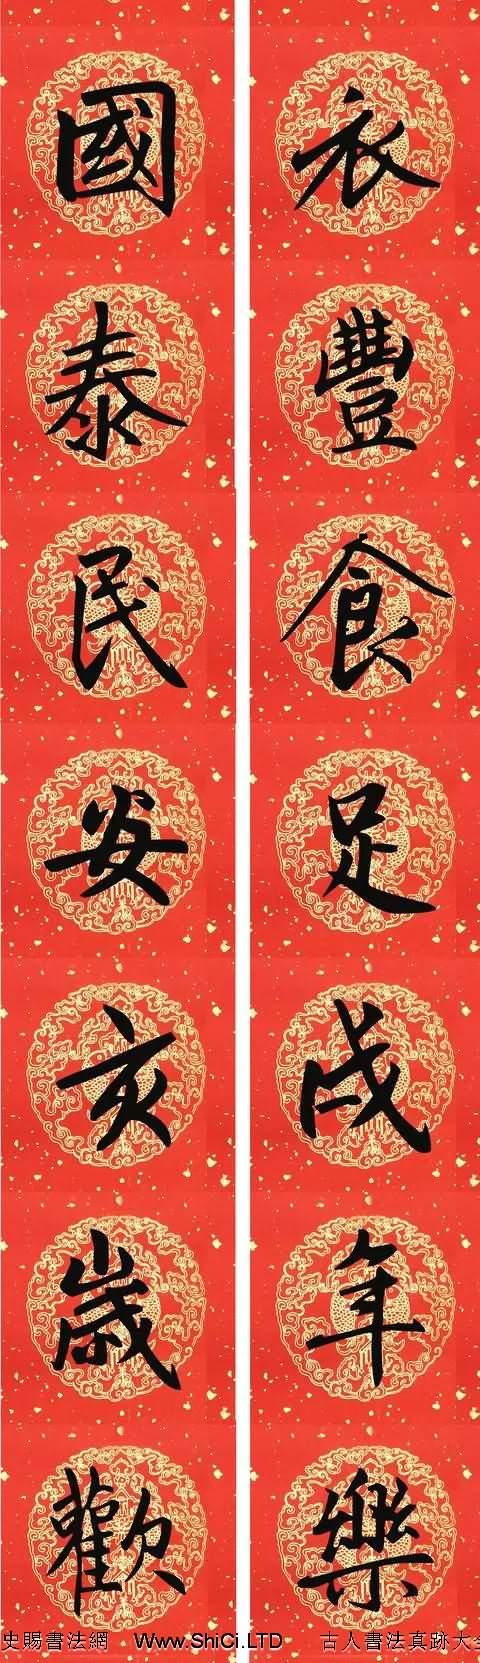 2019豬年趙孟頫集字春聯13副(附橫批)(共18張圖片)